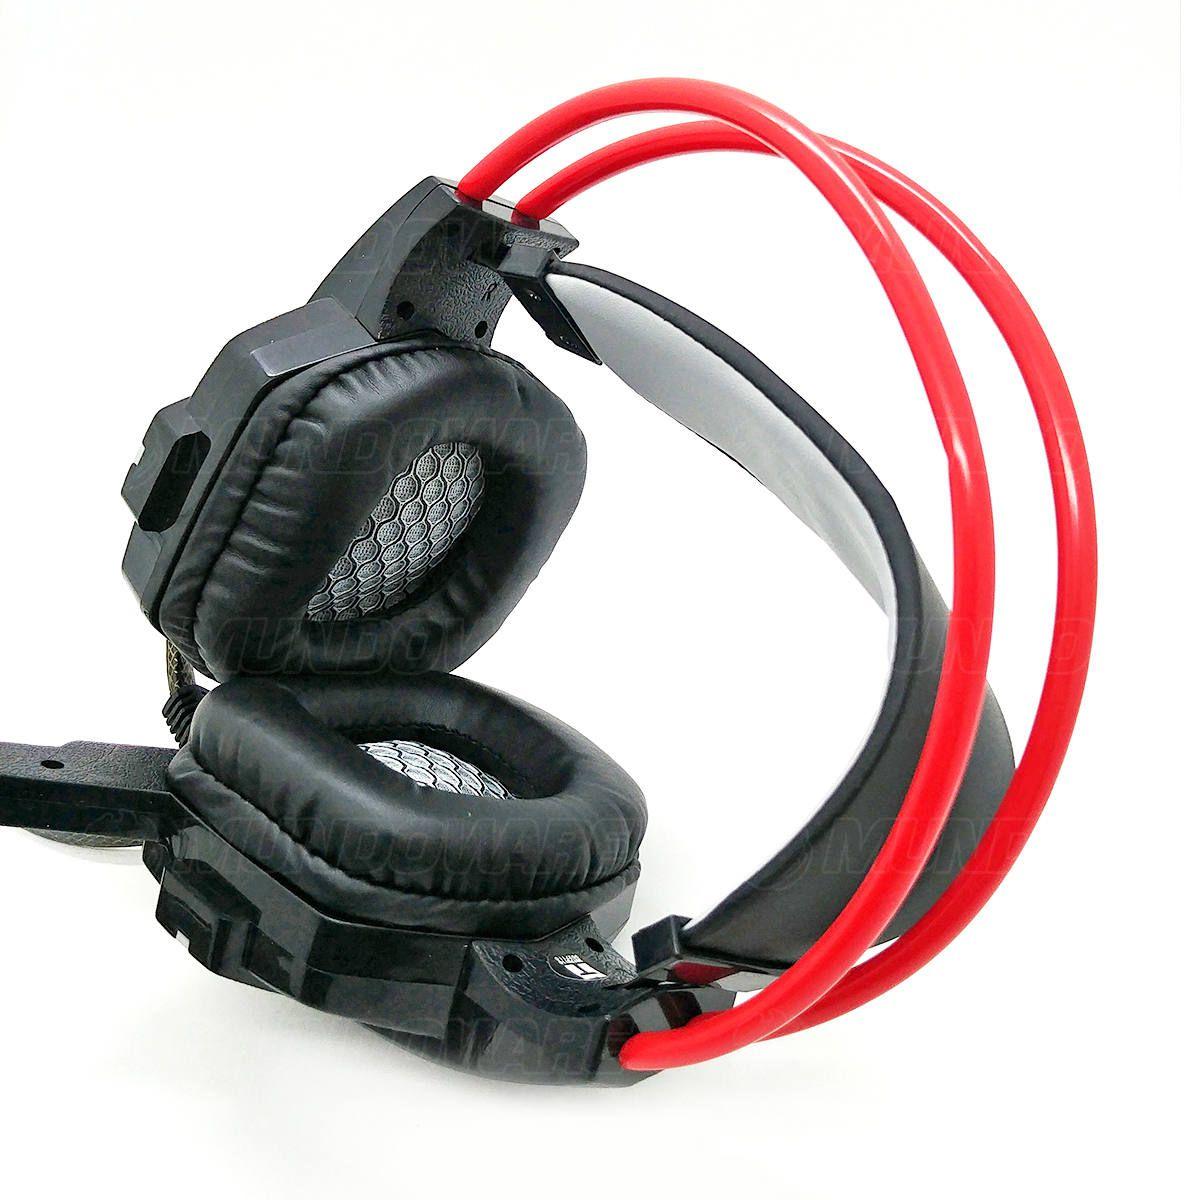 Headphone Gamer com Microfone Iluminação LED 7 Cores Cabo Reforçado Fone com Isolamento Acústico Infokit GH-X20